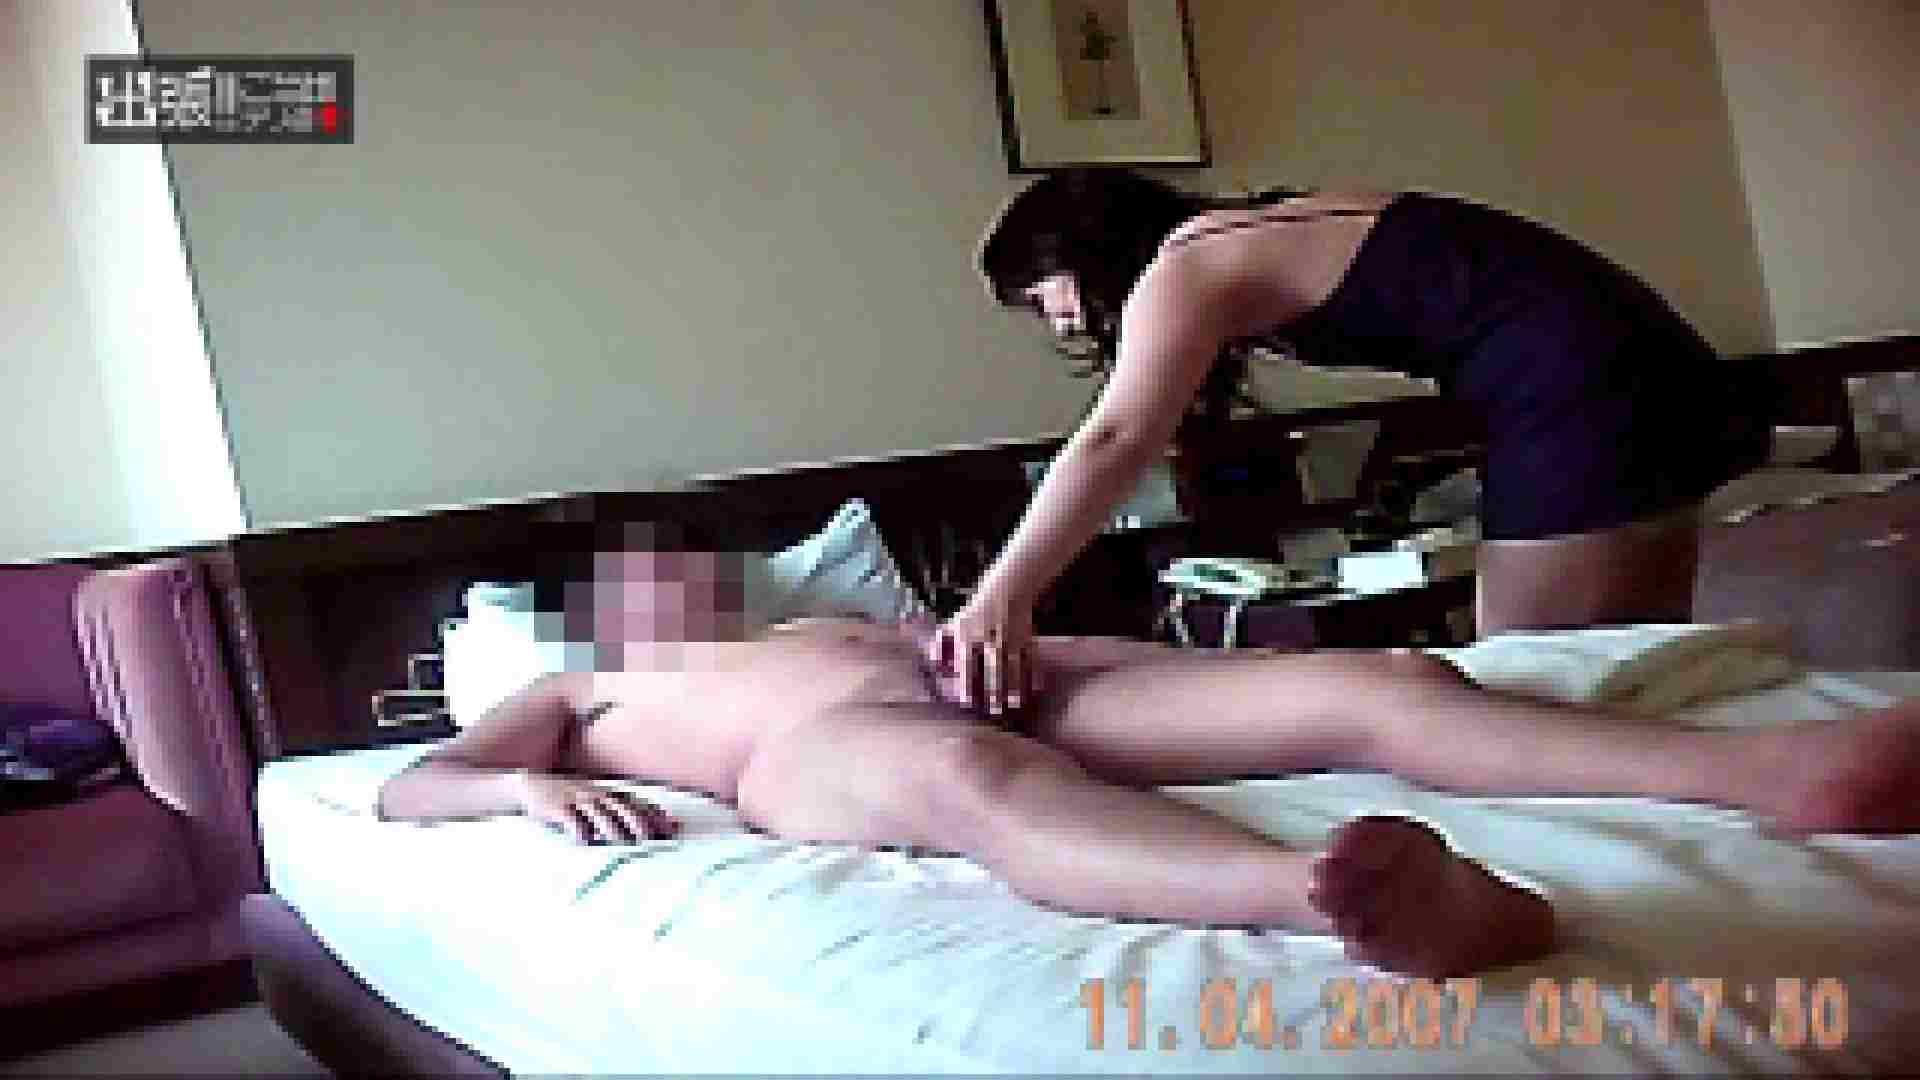 出張リーマンのデリ嬢隠し撮り第2弾 隠撮 セックス無修正動画無料 108枚 108